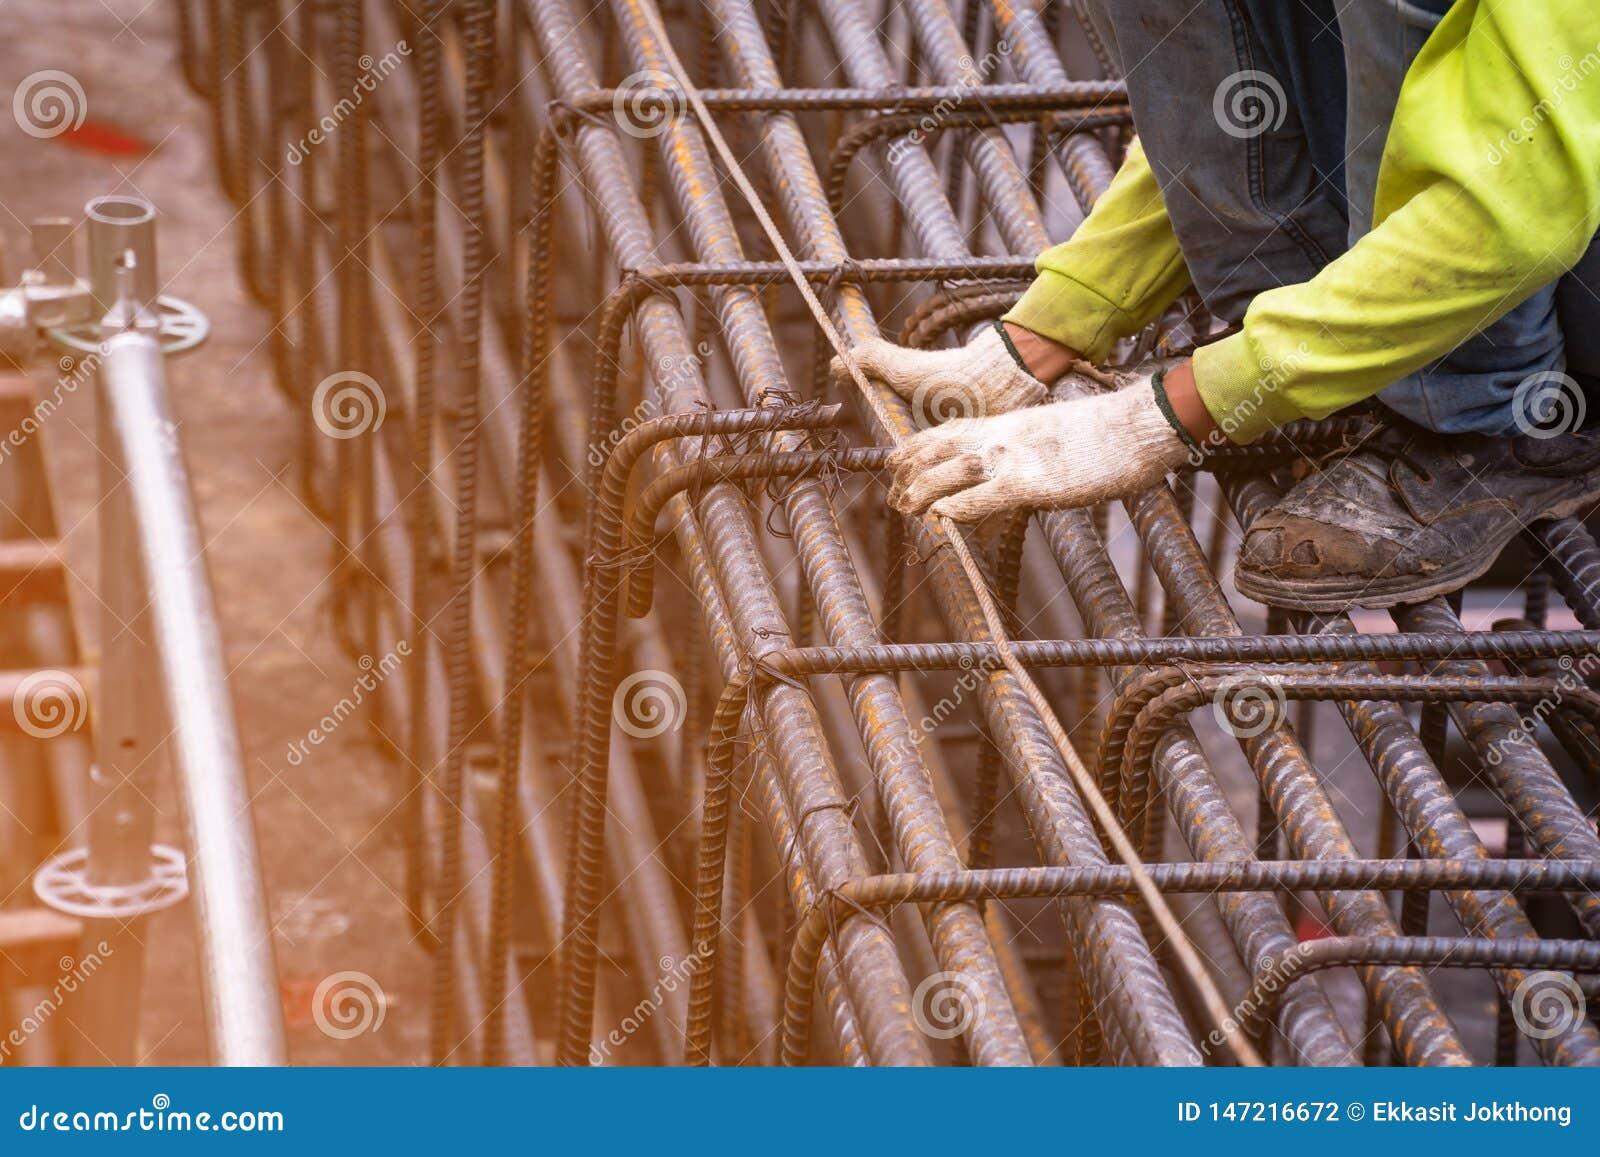 Arbetaren satte den gr?na s?kerhetsskjortan, anv?nder ett mjukt j?rn, binder en stor st?ltr?d i omr?det som bygger en stor byggna